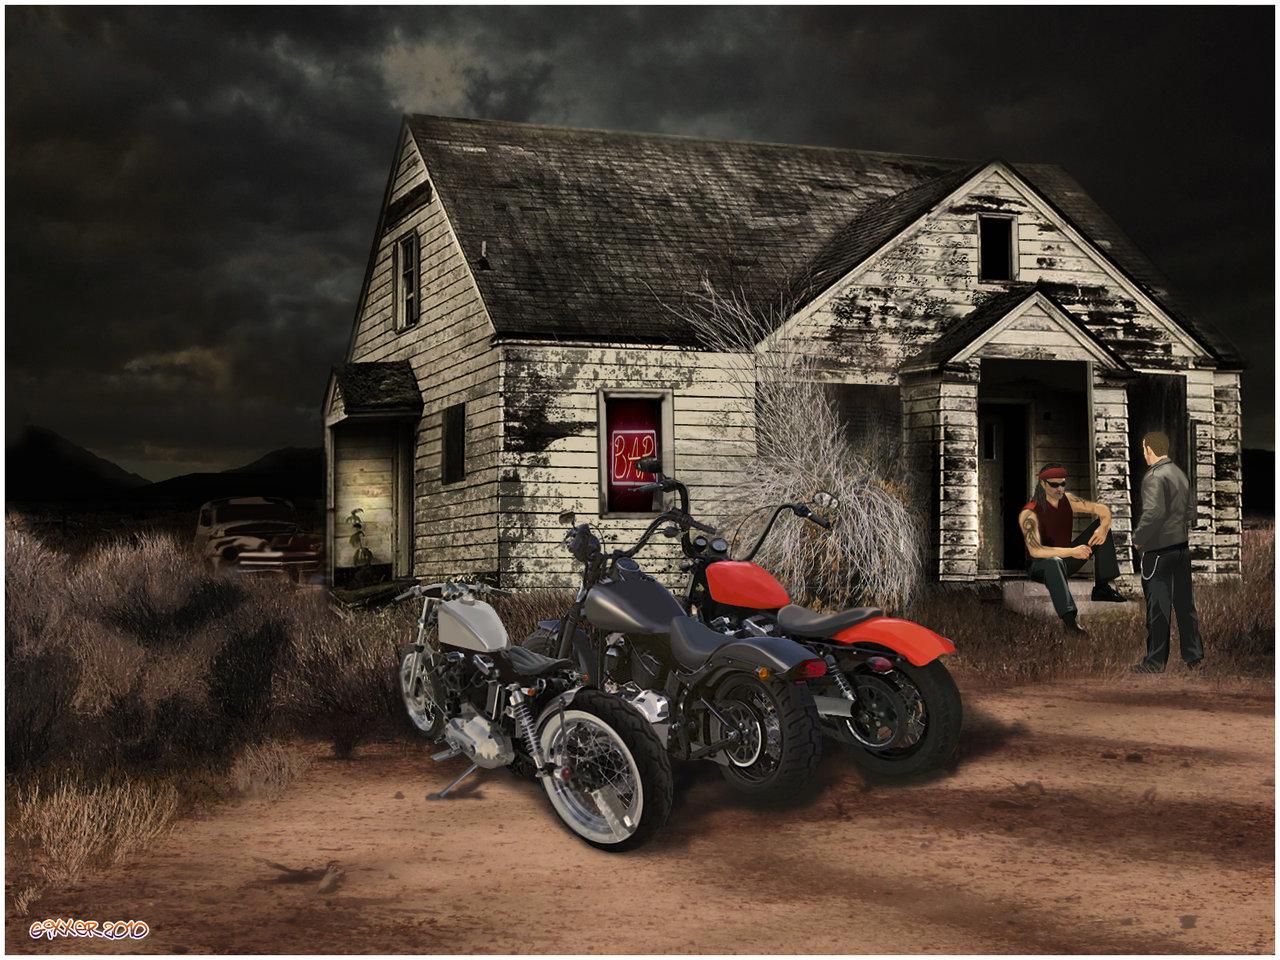 Bike stuff David Mann Biker Bar and Harley Davidson 1280x960